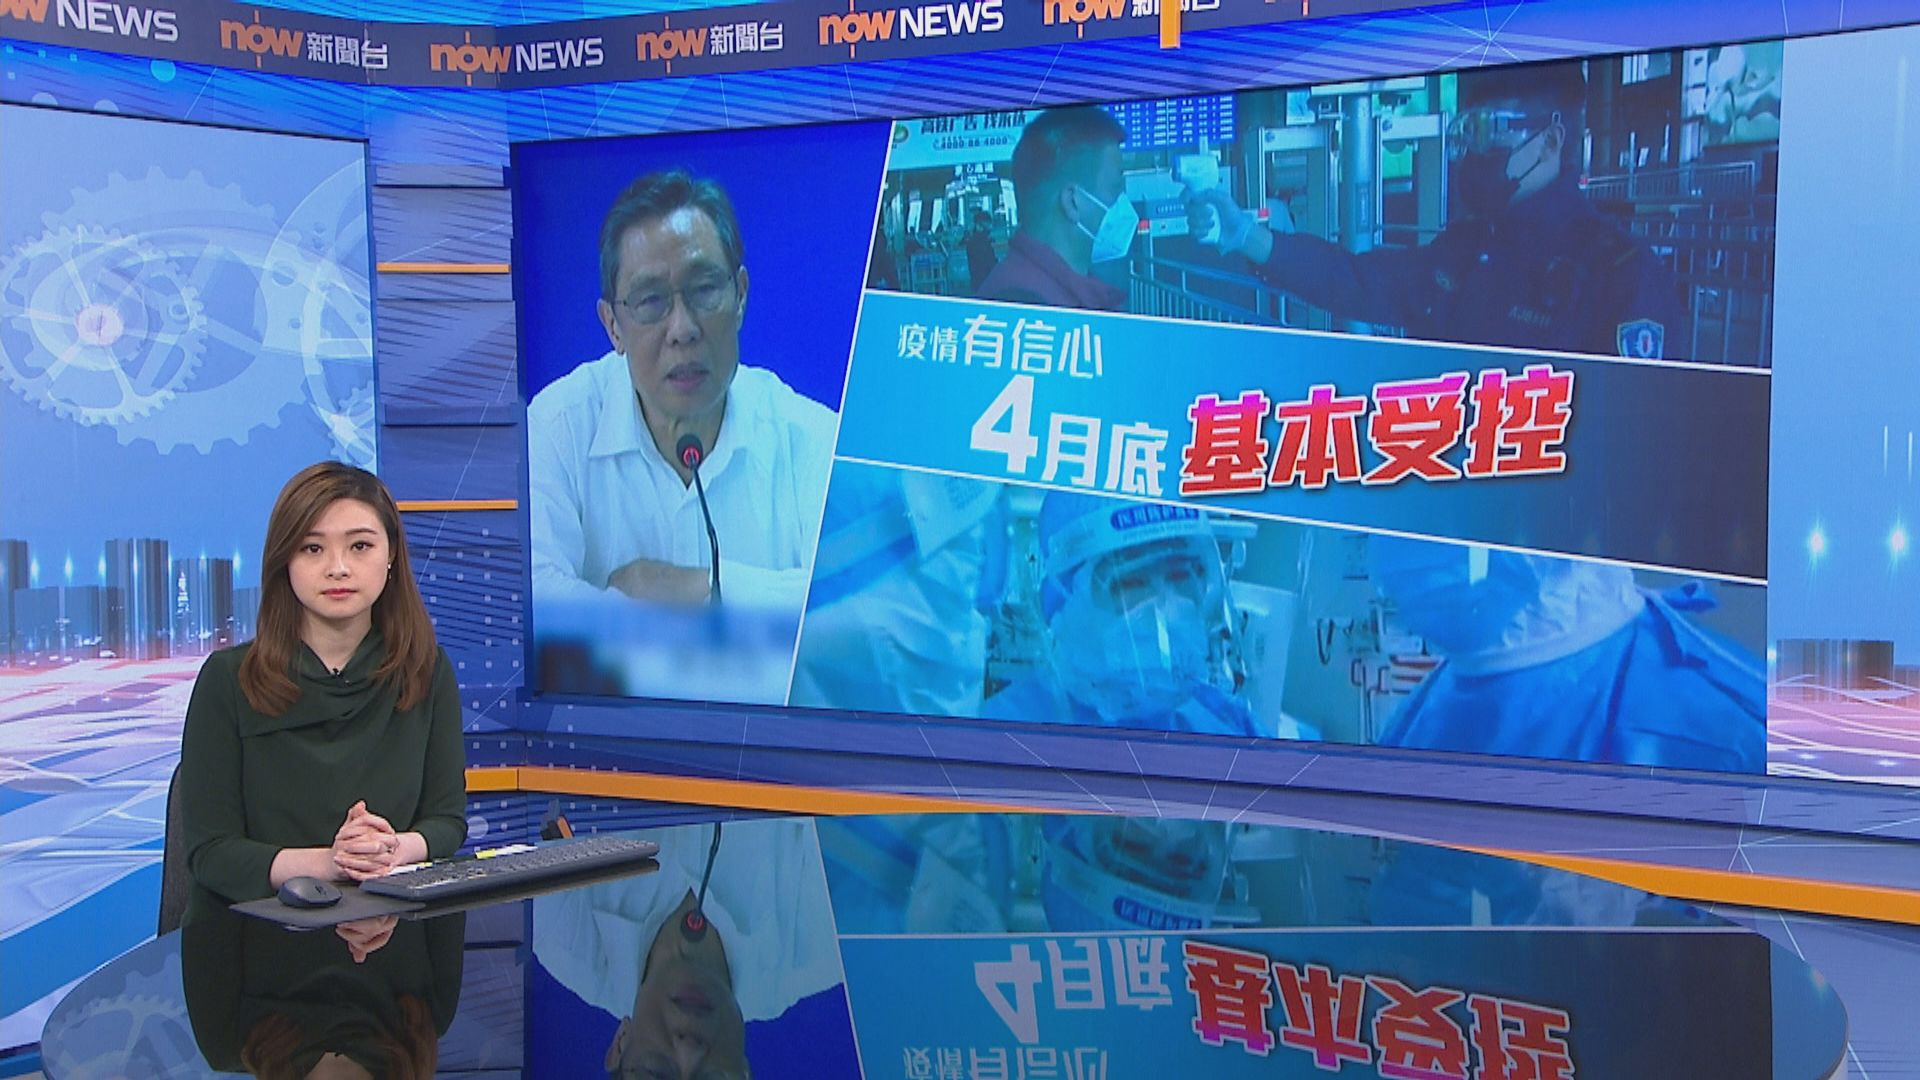 鍾南山:有信心疫情於四月底基本受控